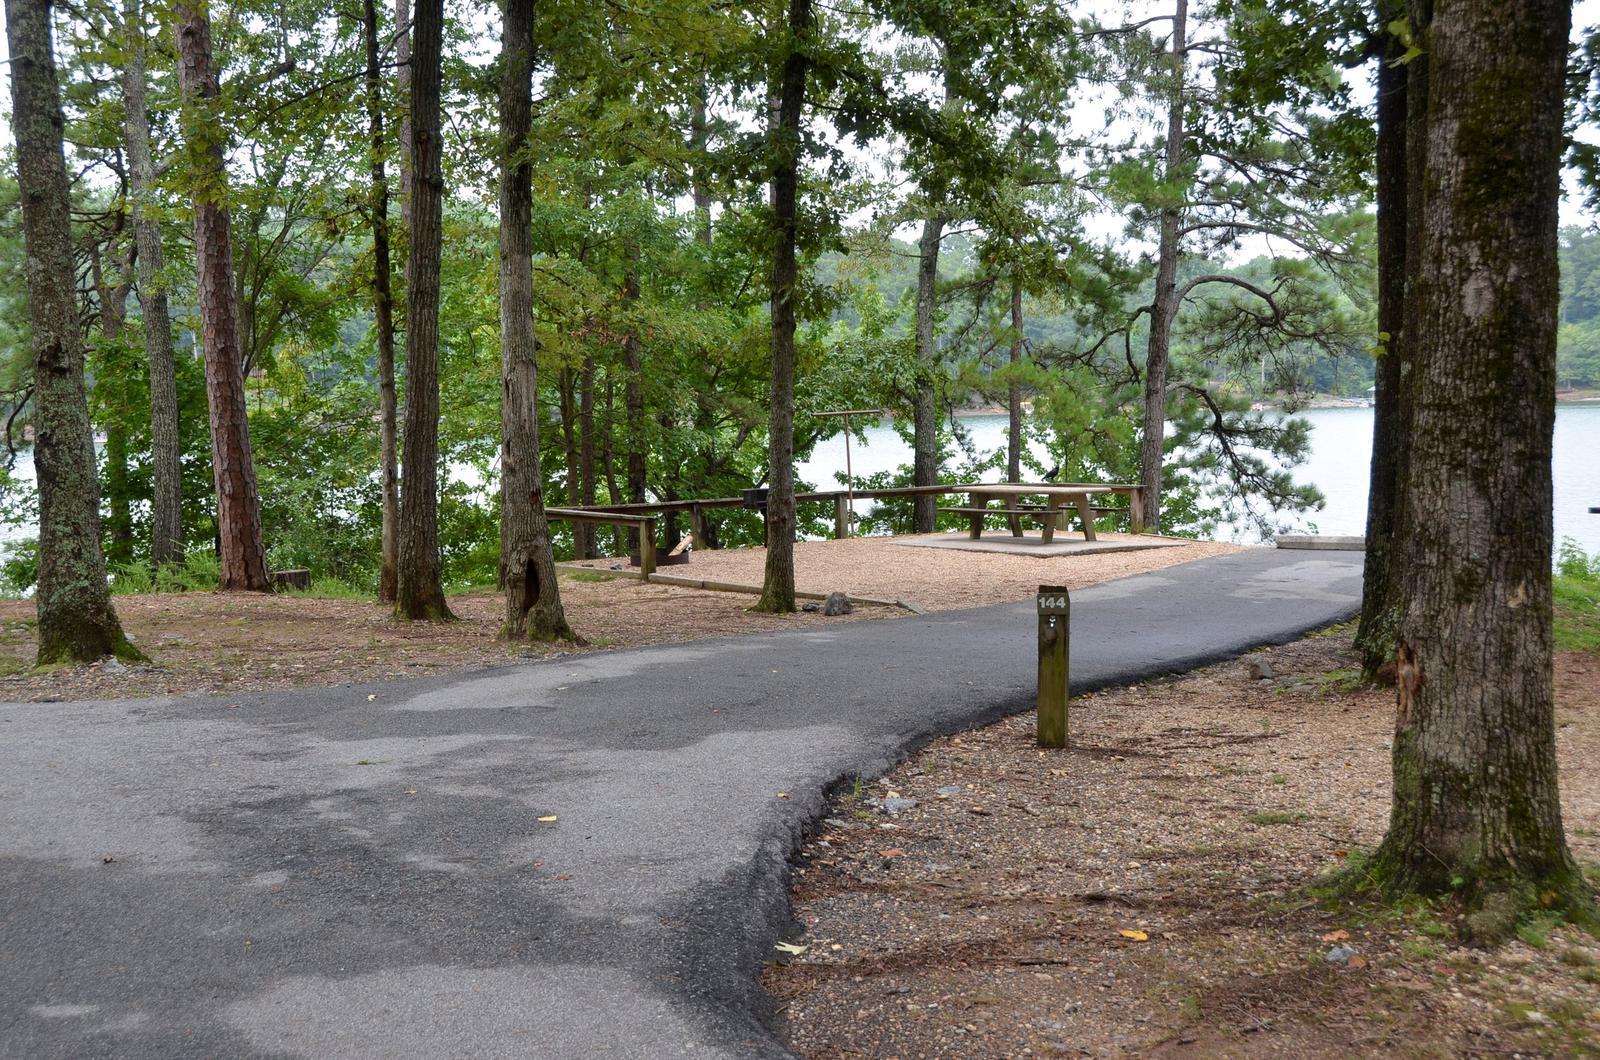 McKinney Campground Site 144